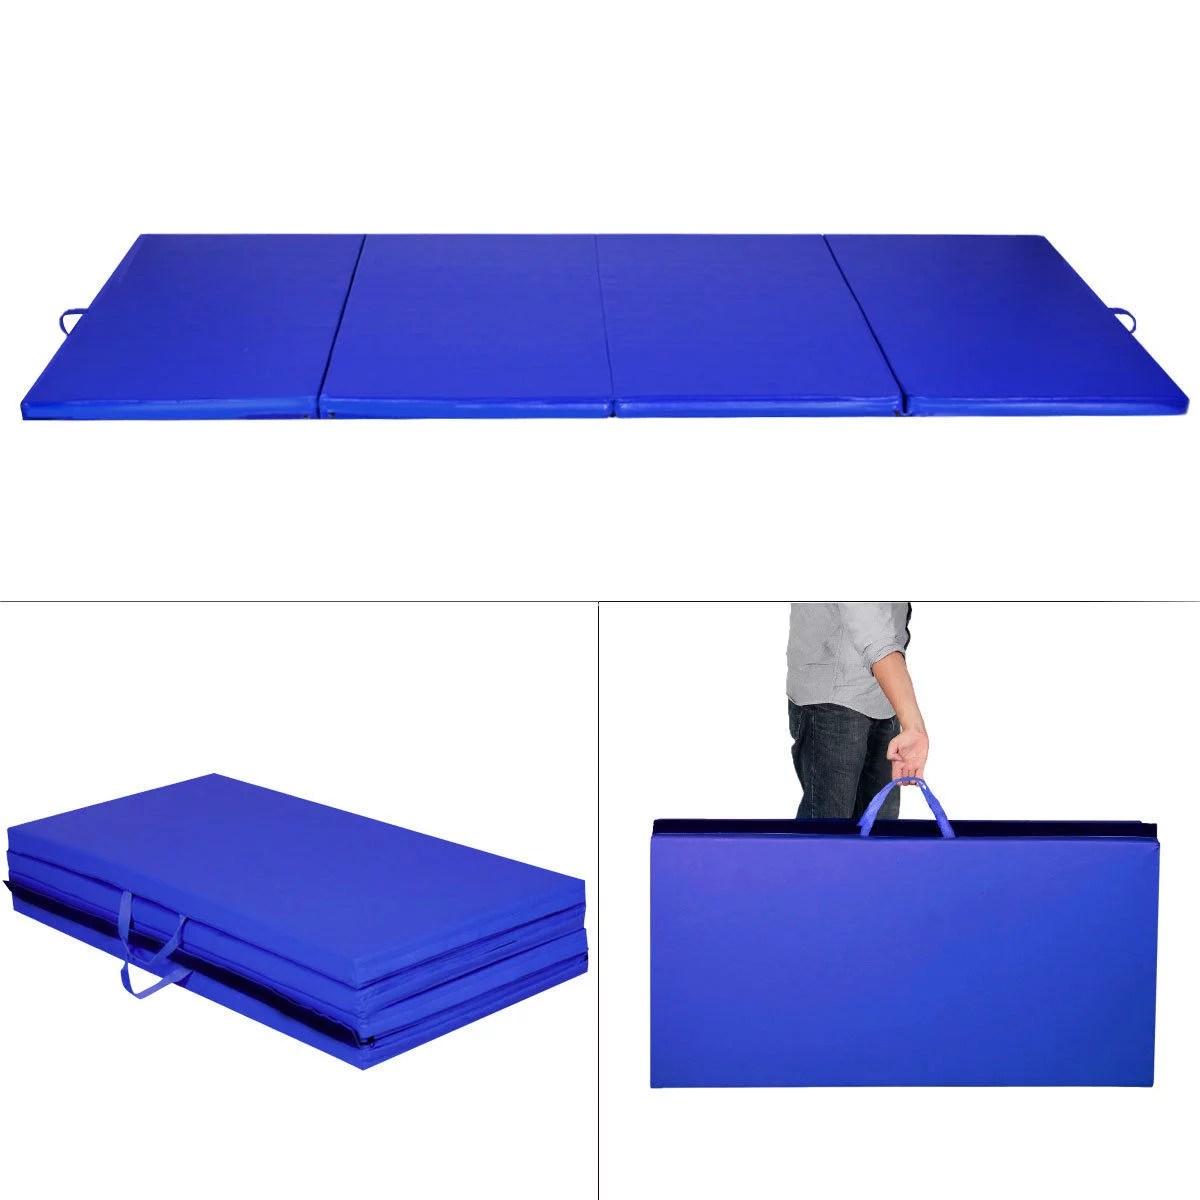 costway tapis de gymnastique pliable 240x120x5cm bleu tapis de yoga pliant tapis musculation matelas gymnastique pliant portable